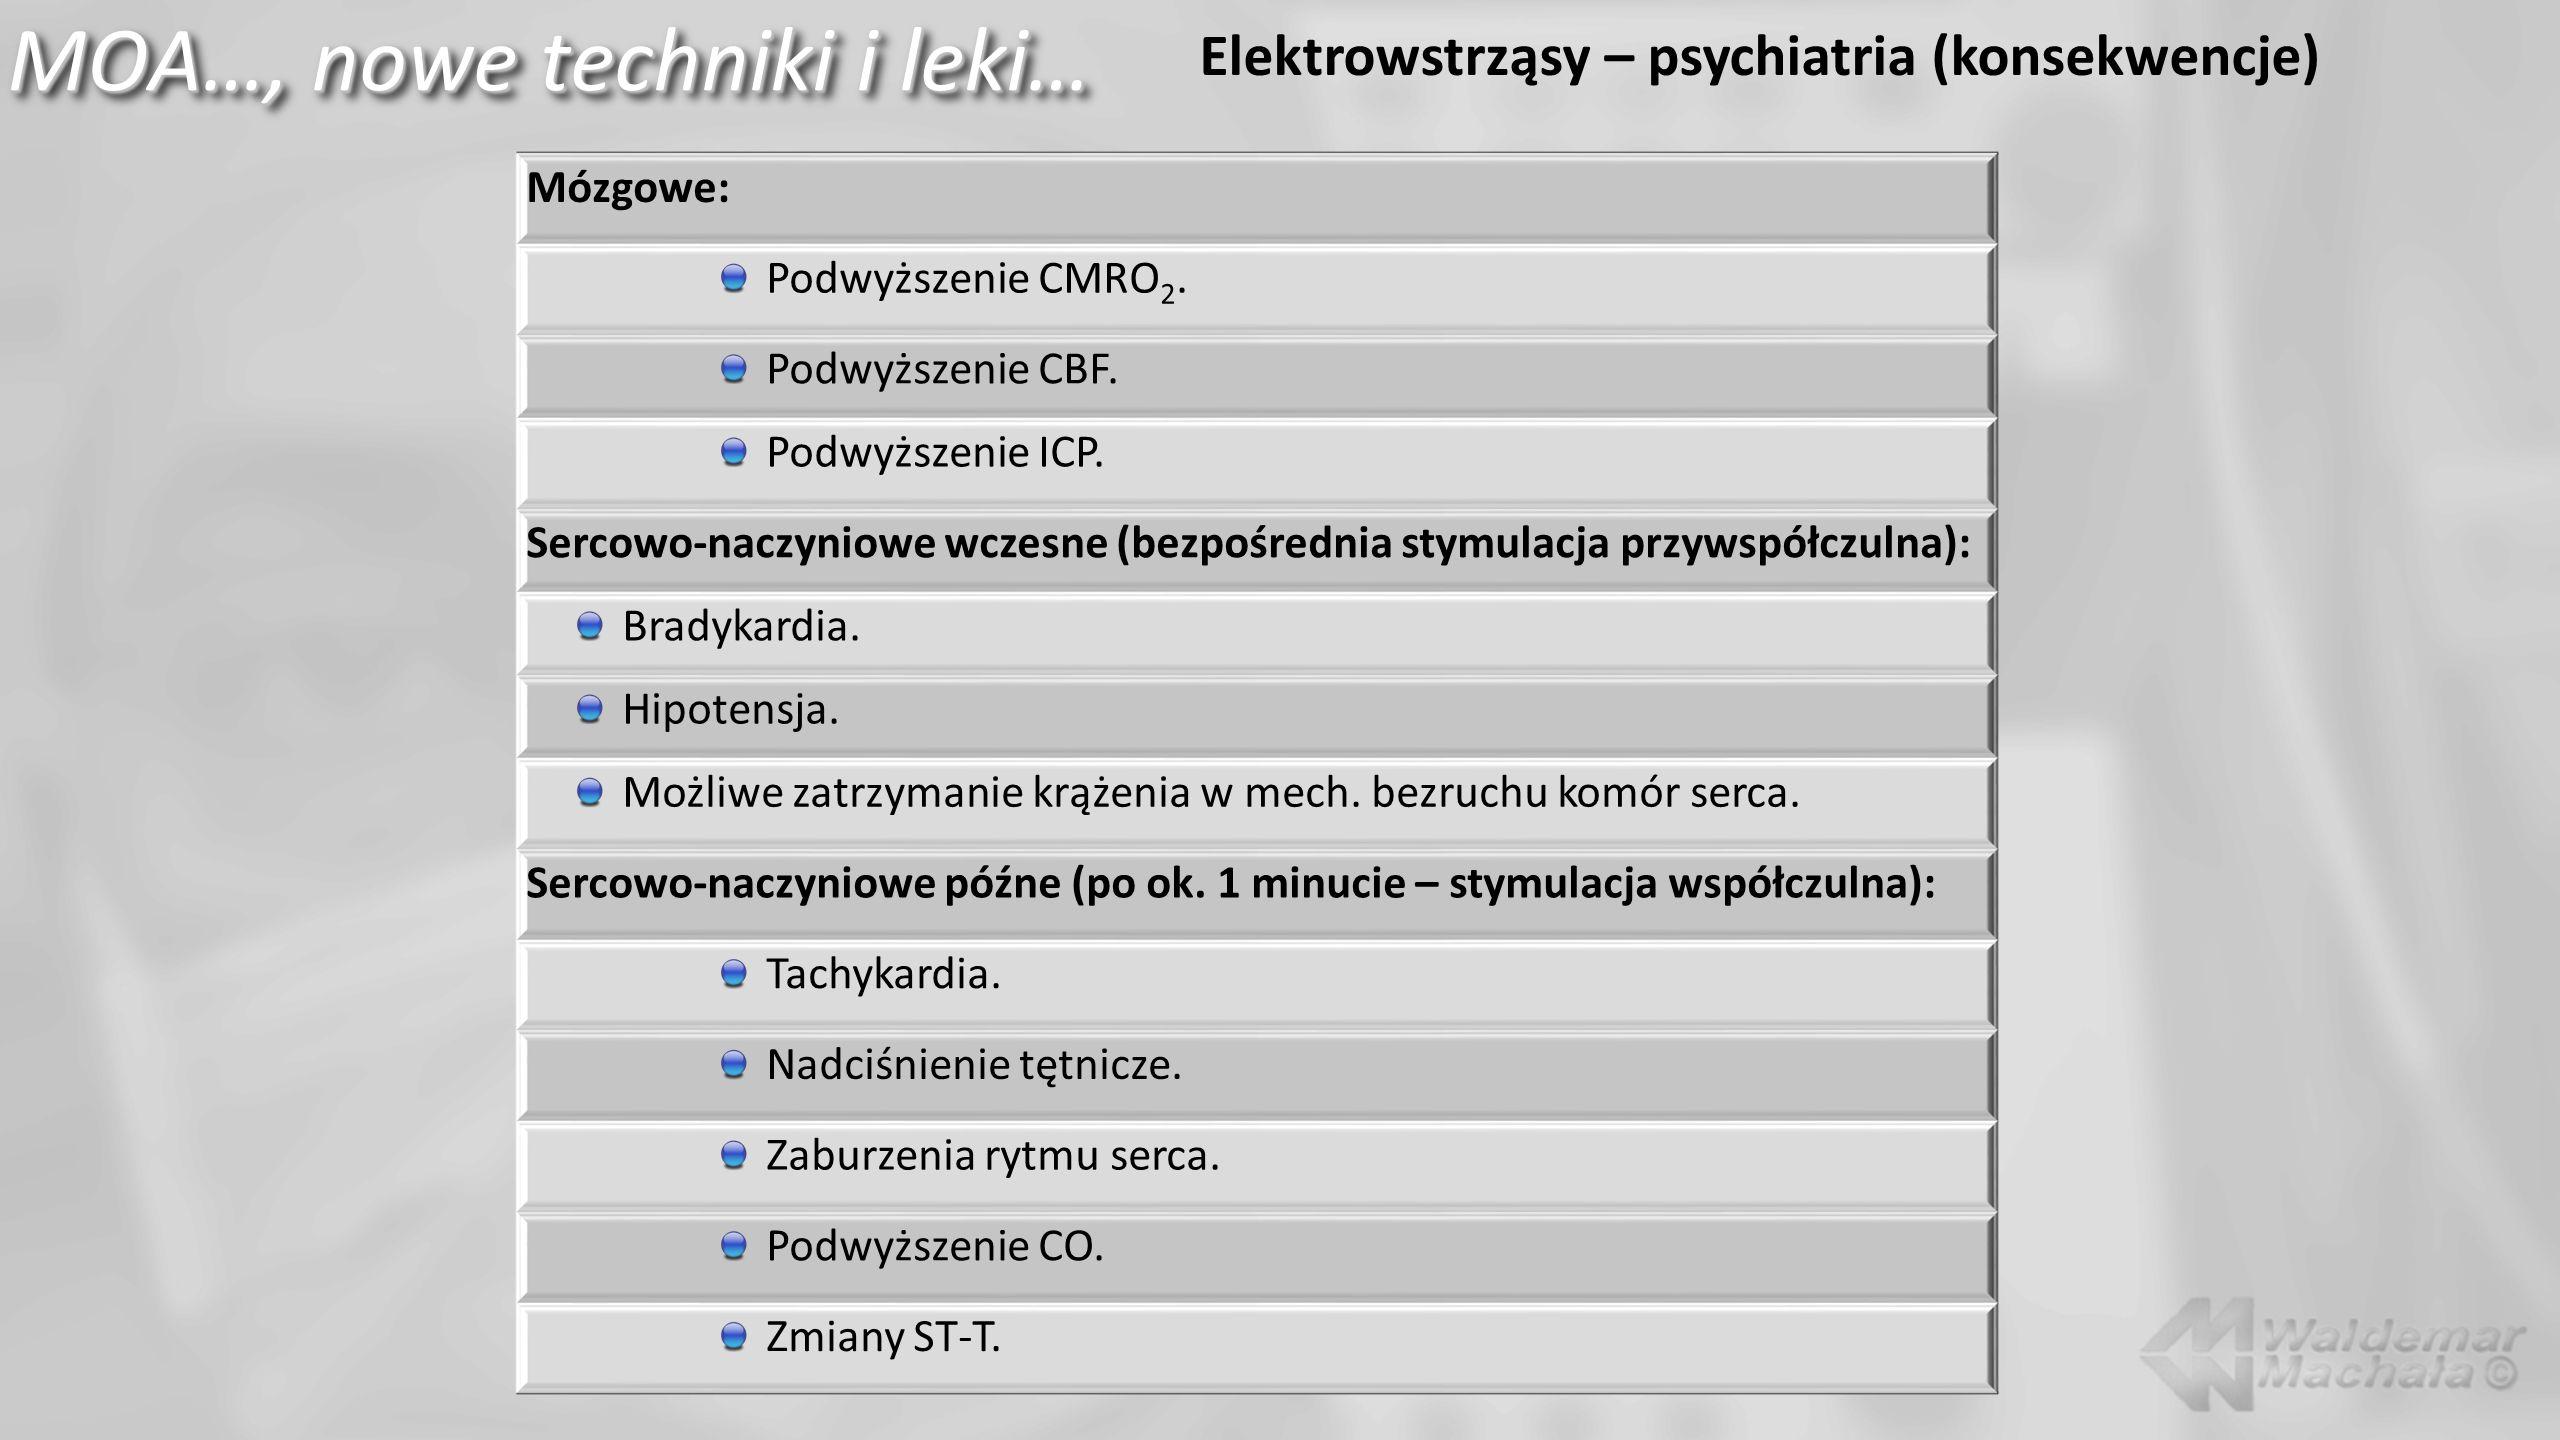 MOA…, nowe techniki i leki… Elektrowstrząsy – psychiatria (konsekwencje) Mózgowe: Podwyższenie CMRO 2. Podwyższenie CBF. Podwyższenie ICP. Sercowo-nac